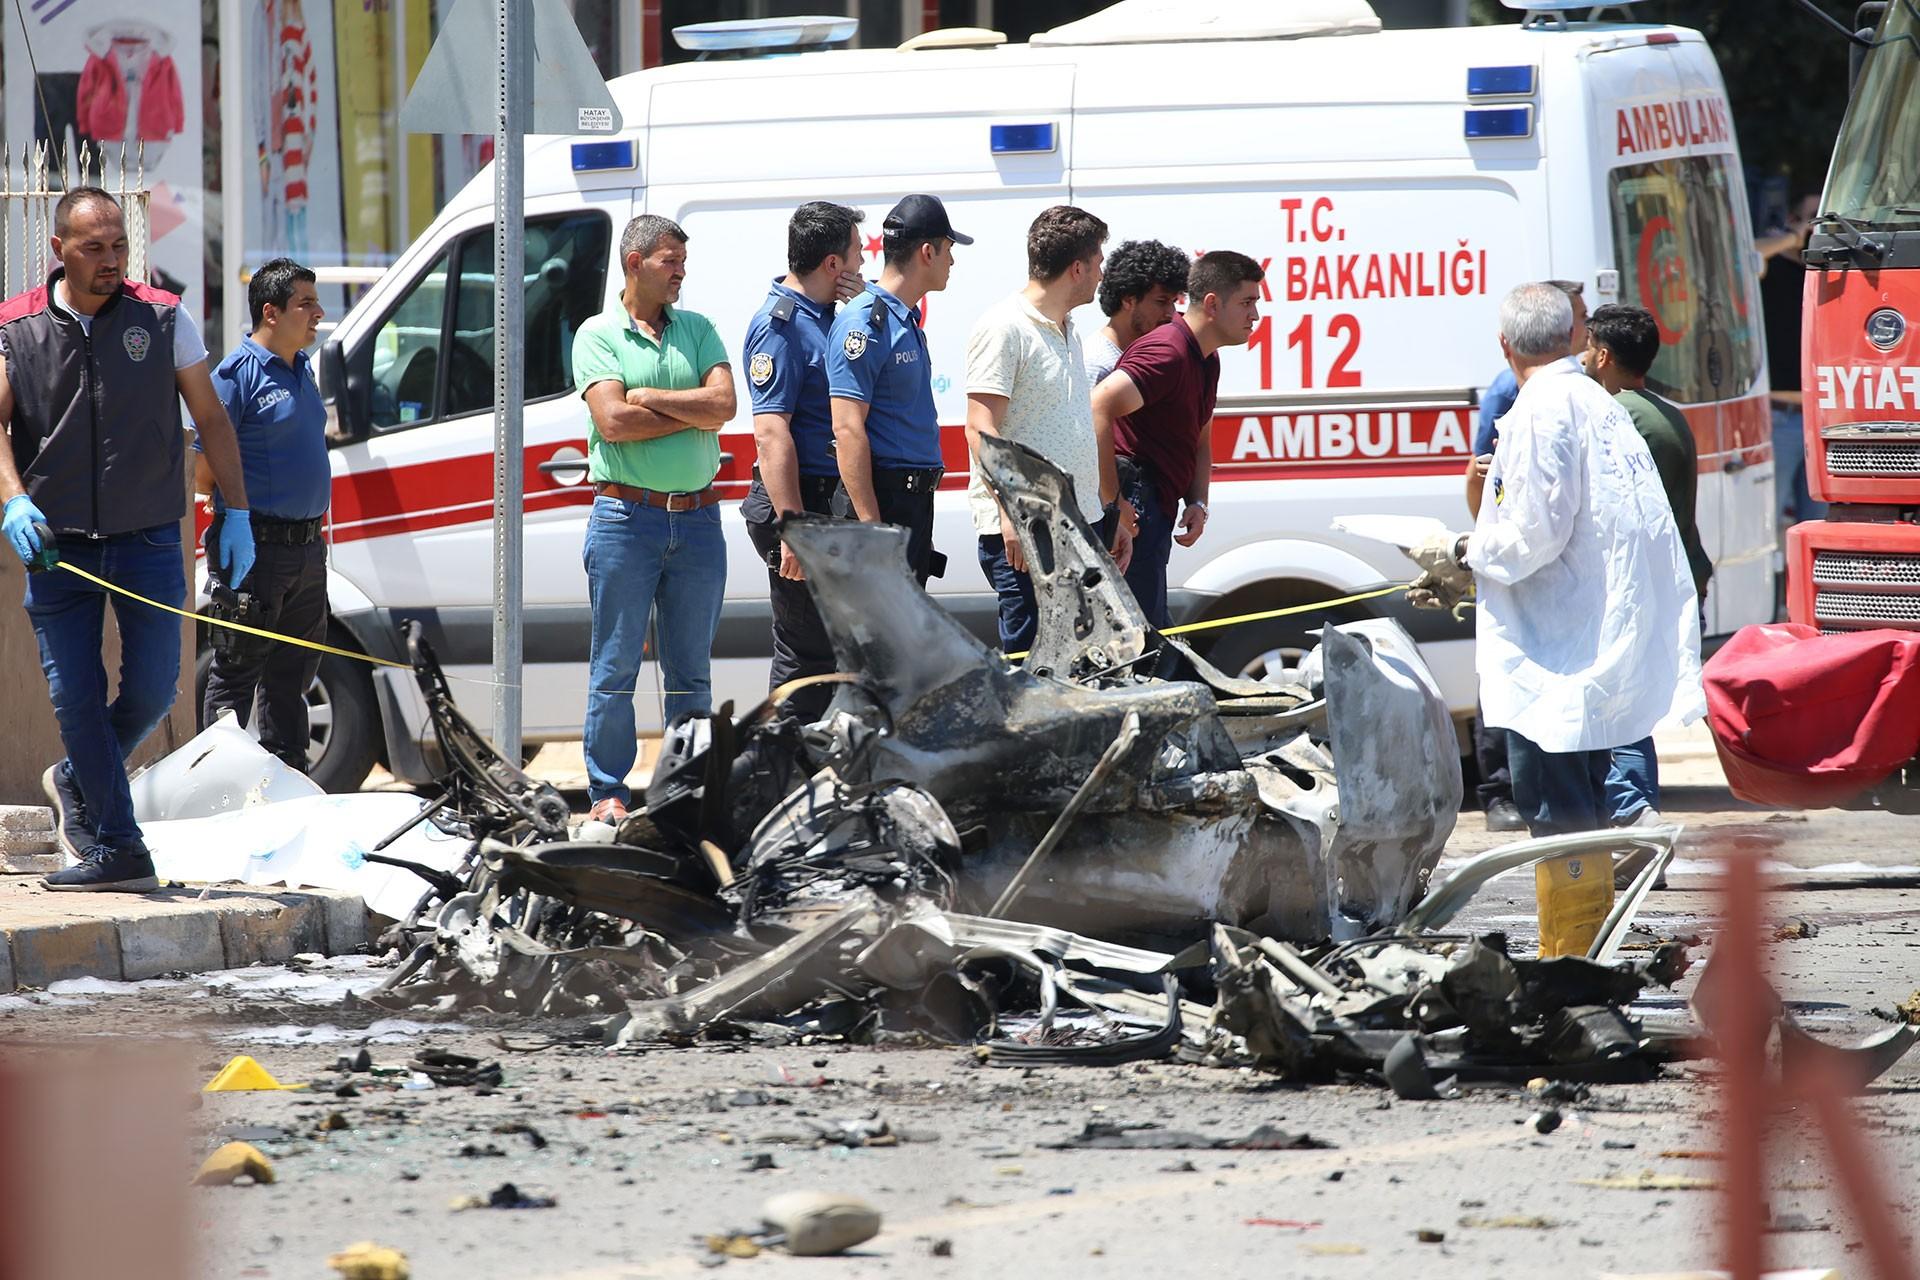 Reyhanlı'da 3 Suriyelinin öldüğü patlamayla ilgili 6 kişi tutuklandı